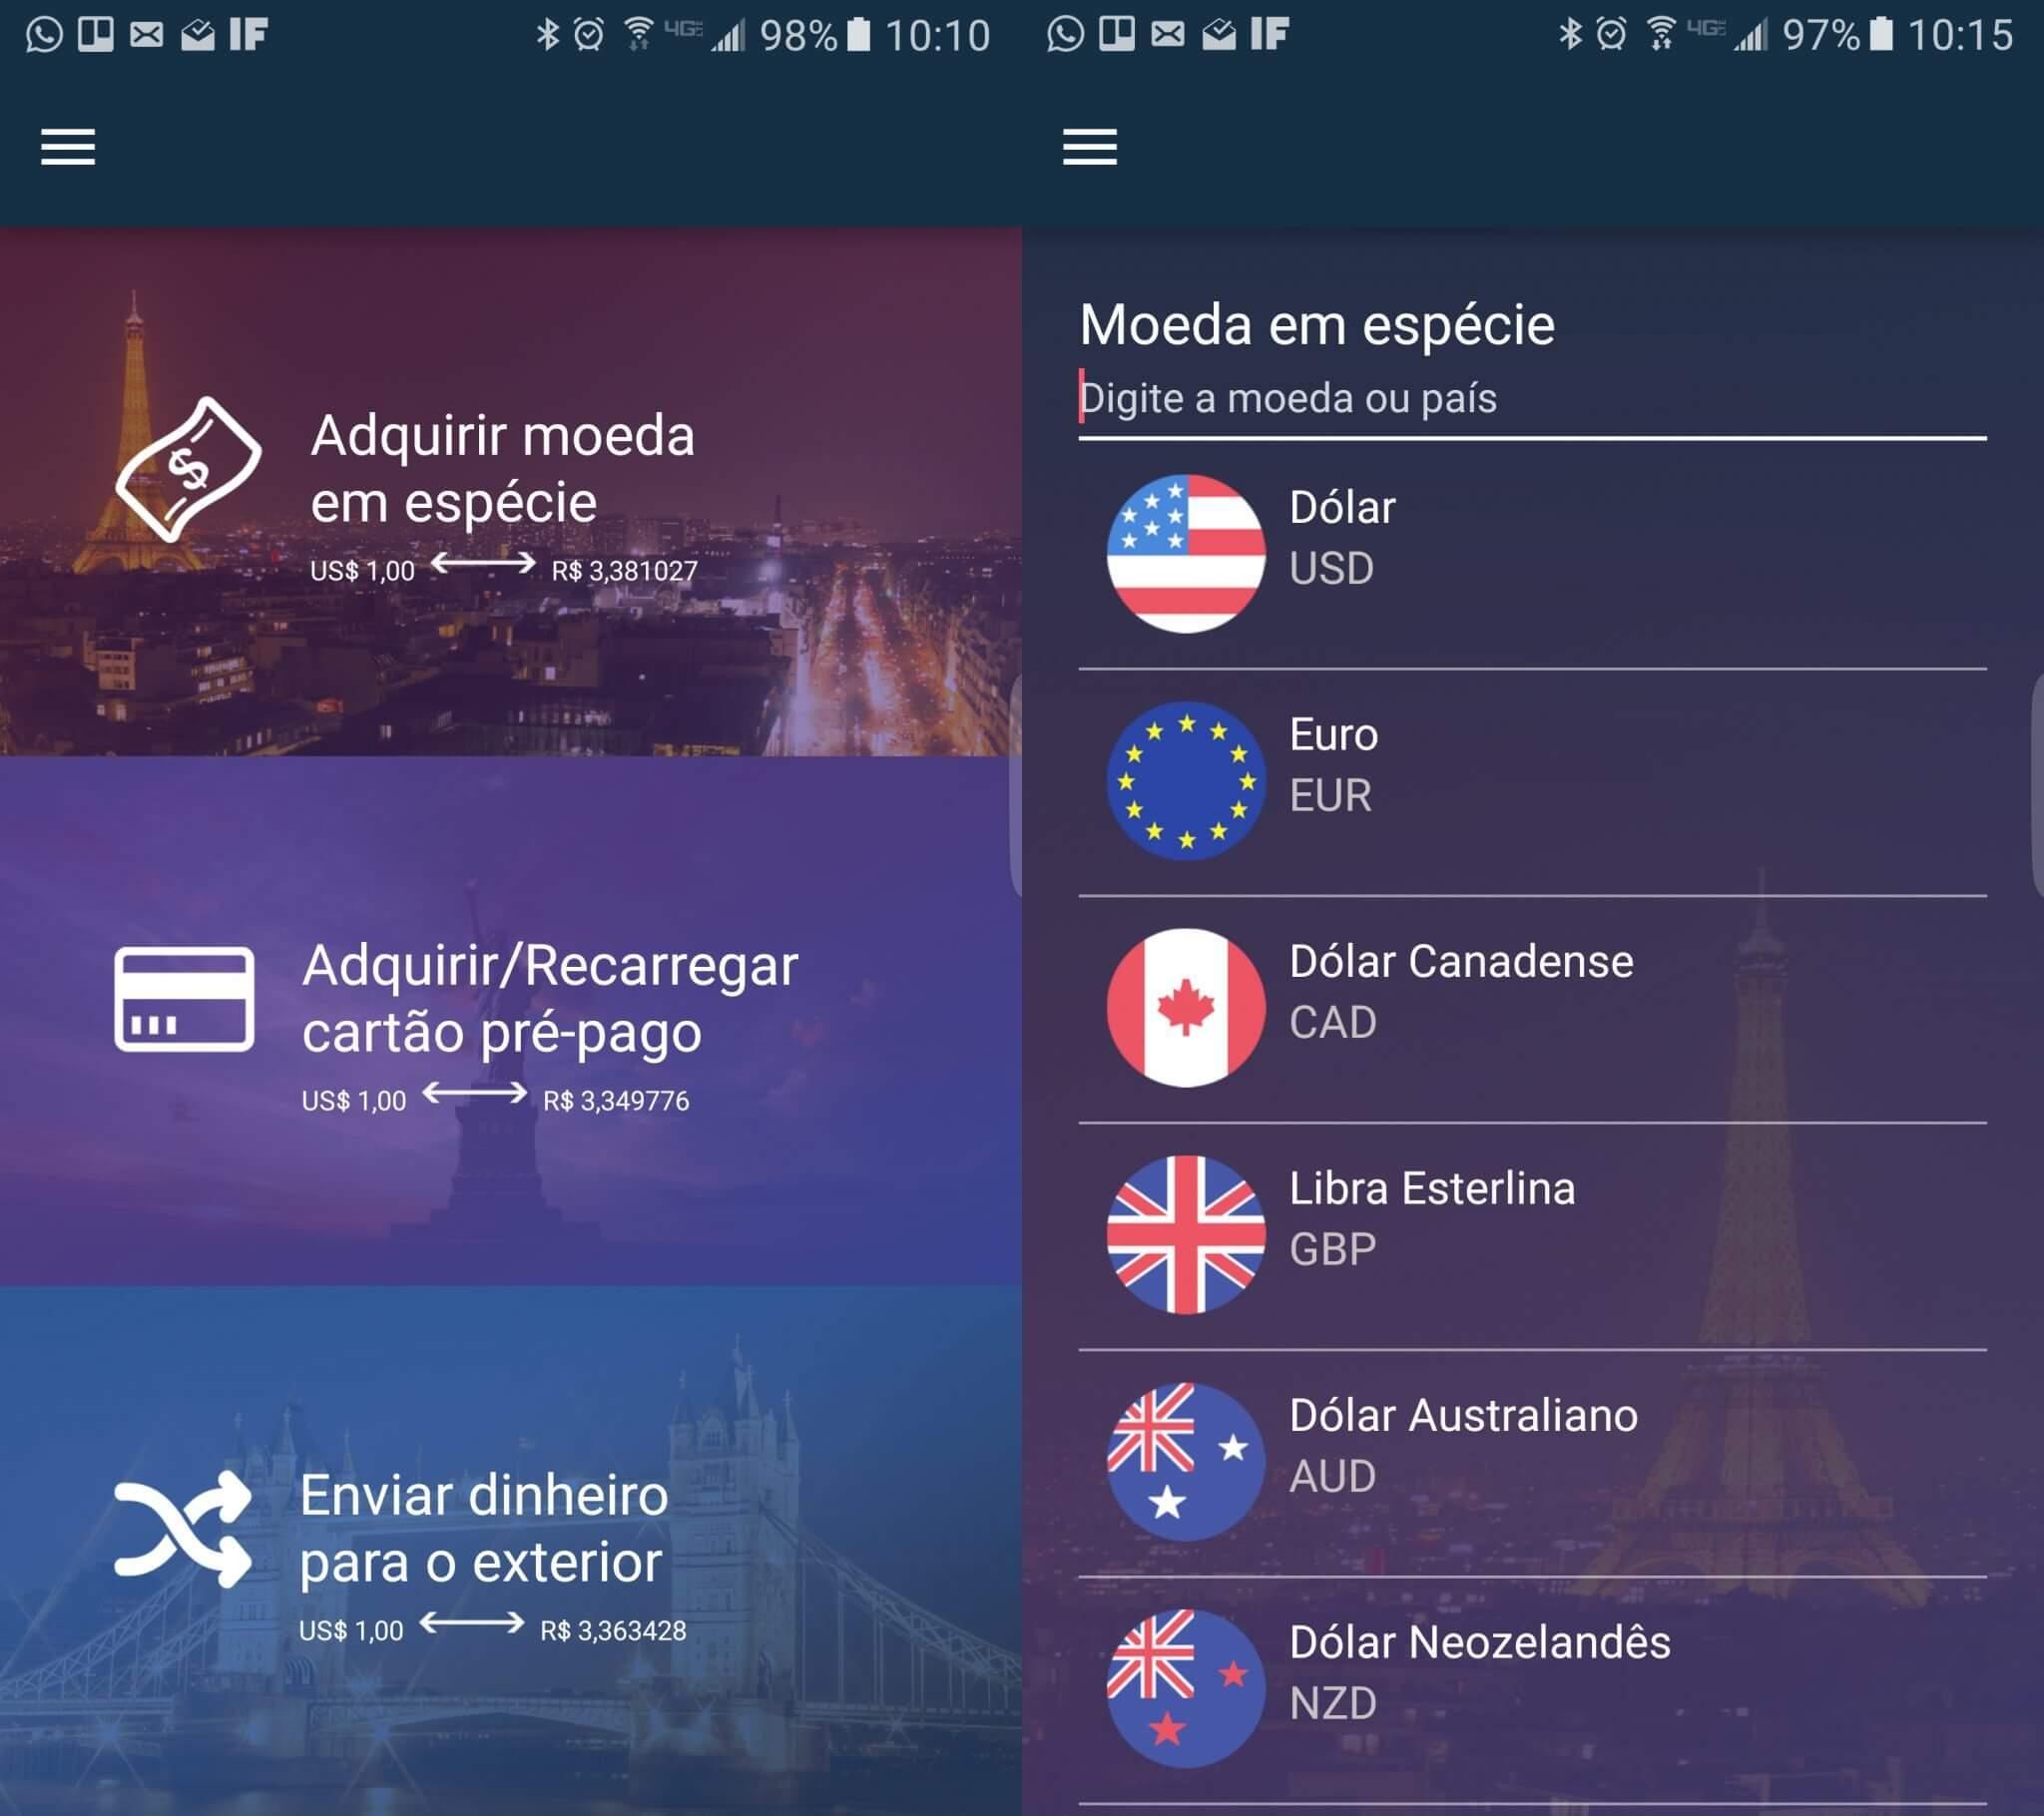 Confidence Câmbio - Novo app facilita Cotações e Compra de Moeda Estrangeira